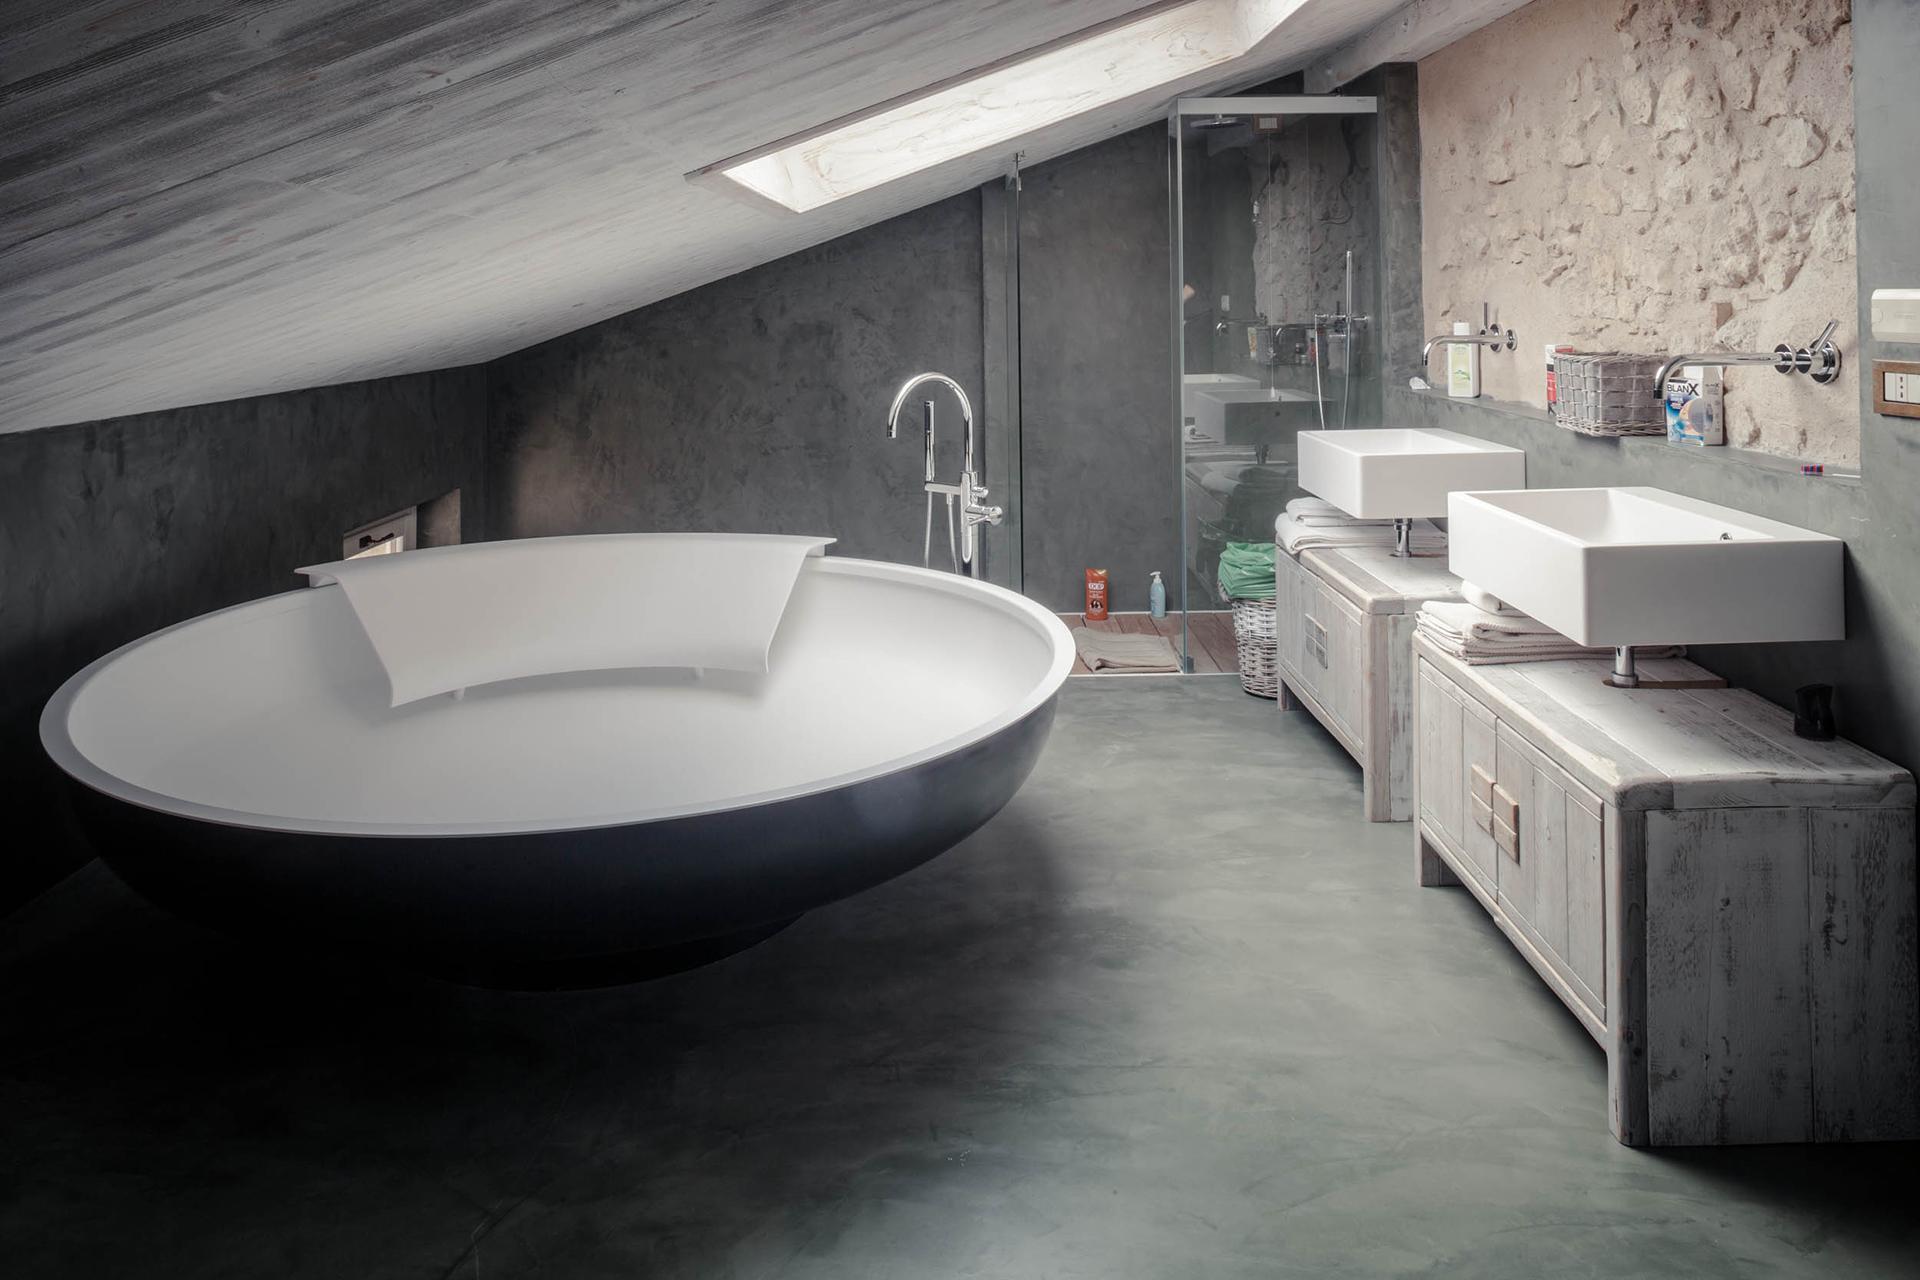 bagno sottotetto corte rustica